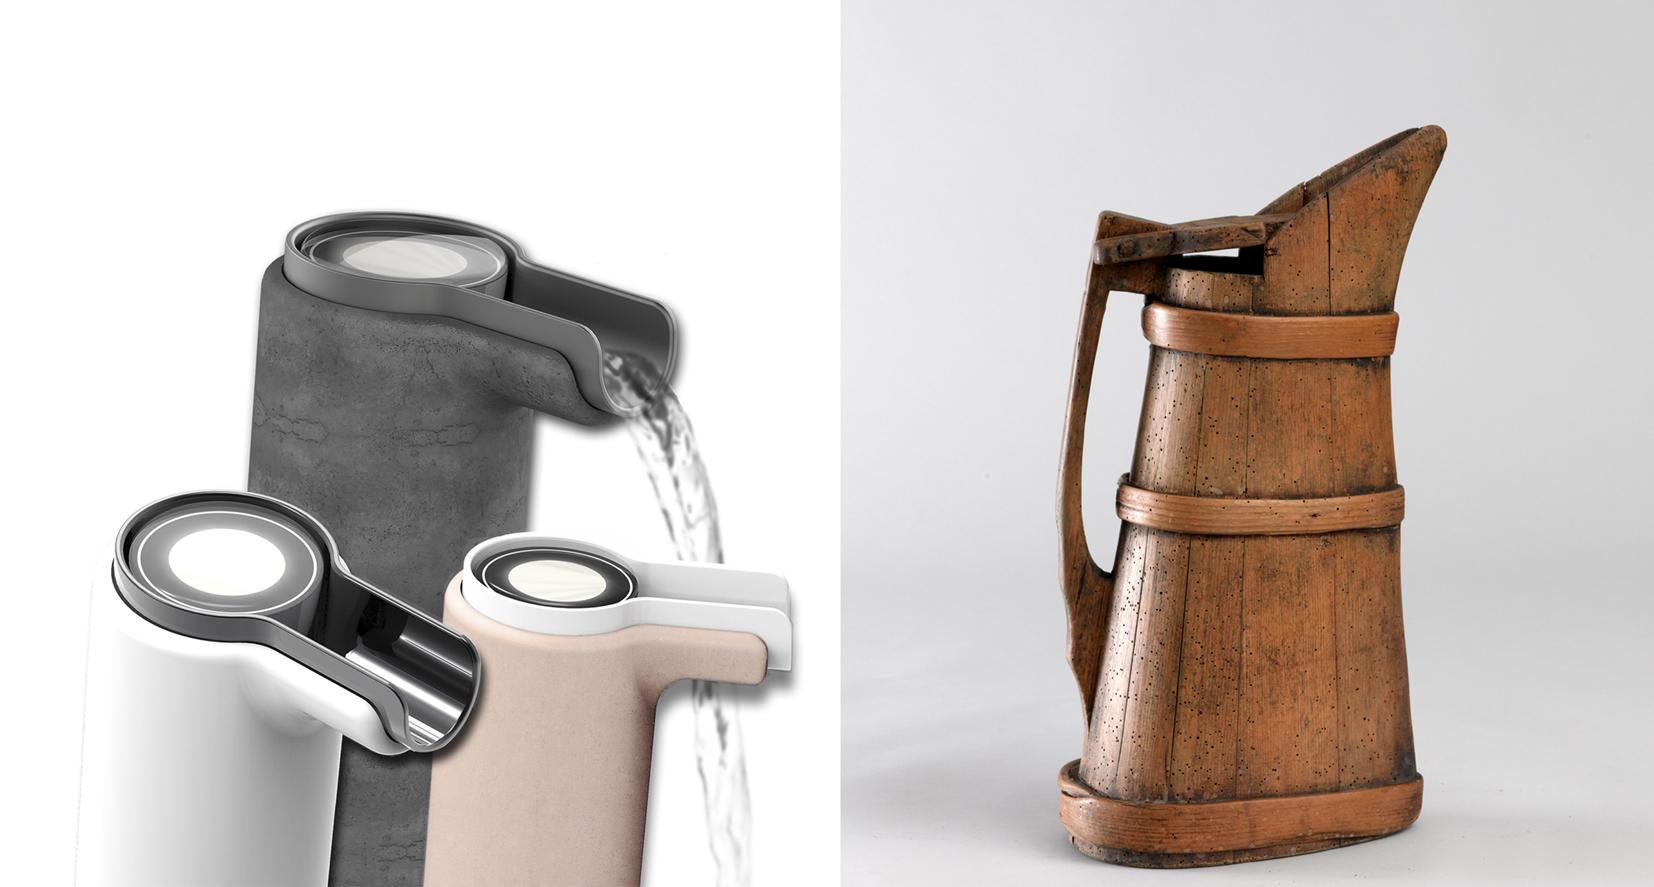 Armatur mit Wasserverbrauchsanzeigen und bäuerlicher Wasserkrug aus dem Tiroler Volkskunstmuseum